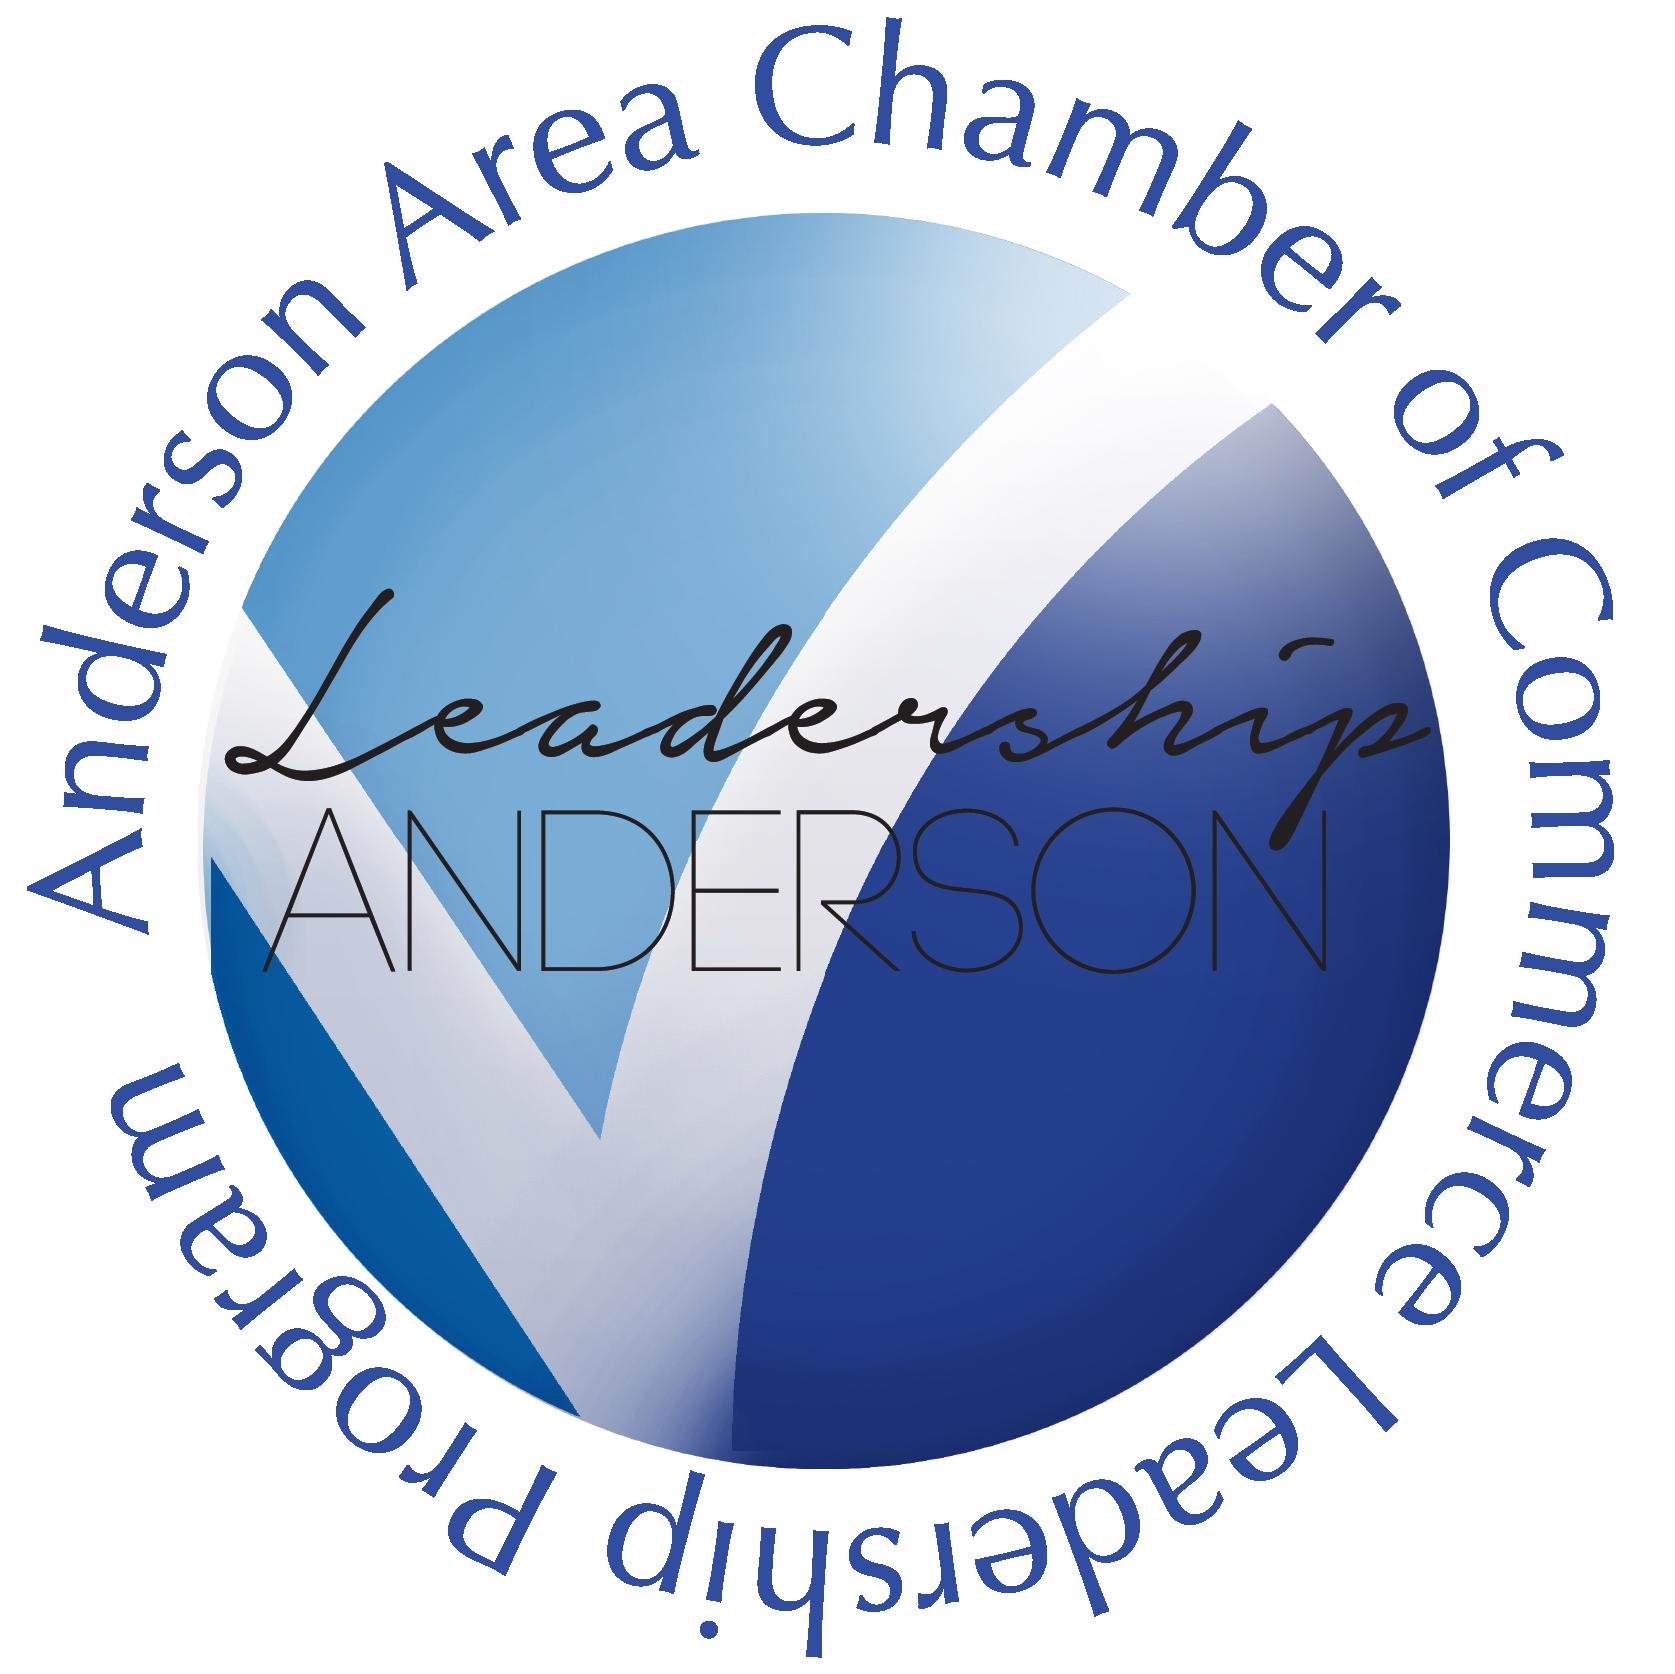 Leadership Anderson (LA)